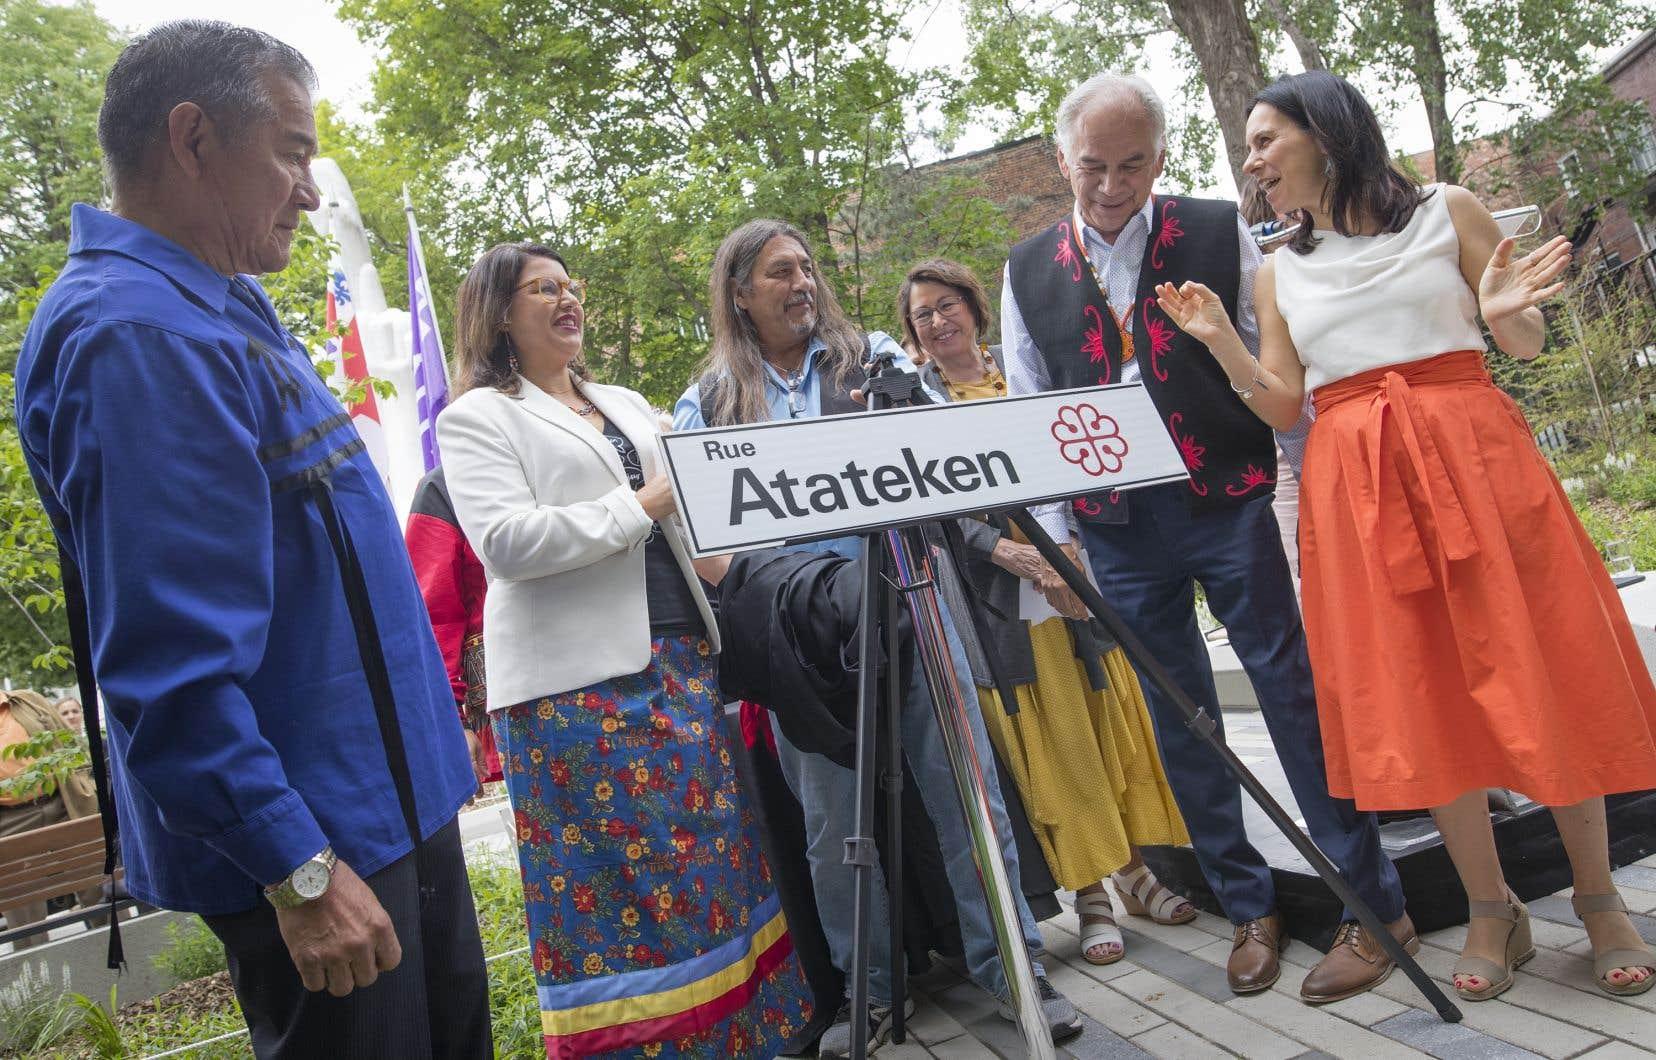 À Montréal, la rue Amherst a été rebaptisée Atateken en 2019. La mairesse Valérie Plante en avait fait l'annonce aux côtés notamment de Ghislain Picard, le chef de l'Assemblée des Premières Nations (à sa droite) et du grand chef du Conseil mohawk de Kanesatake, Serge Otsi Simon (à gauche sur la photo).